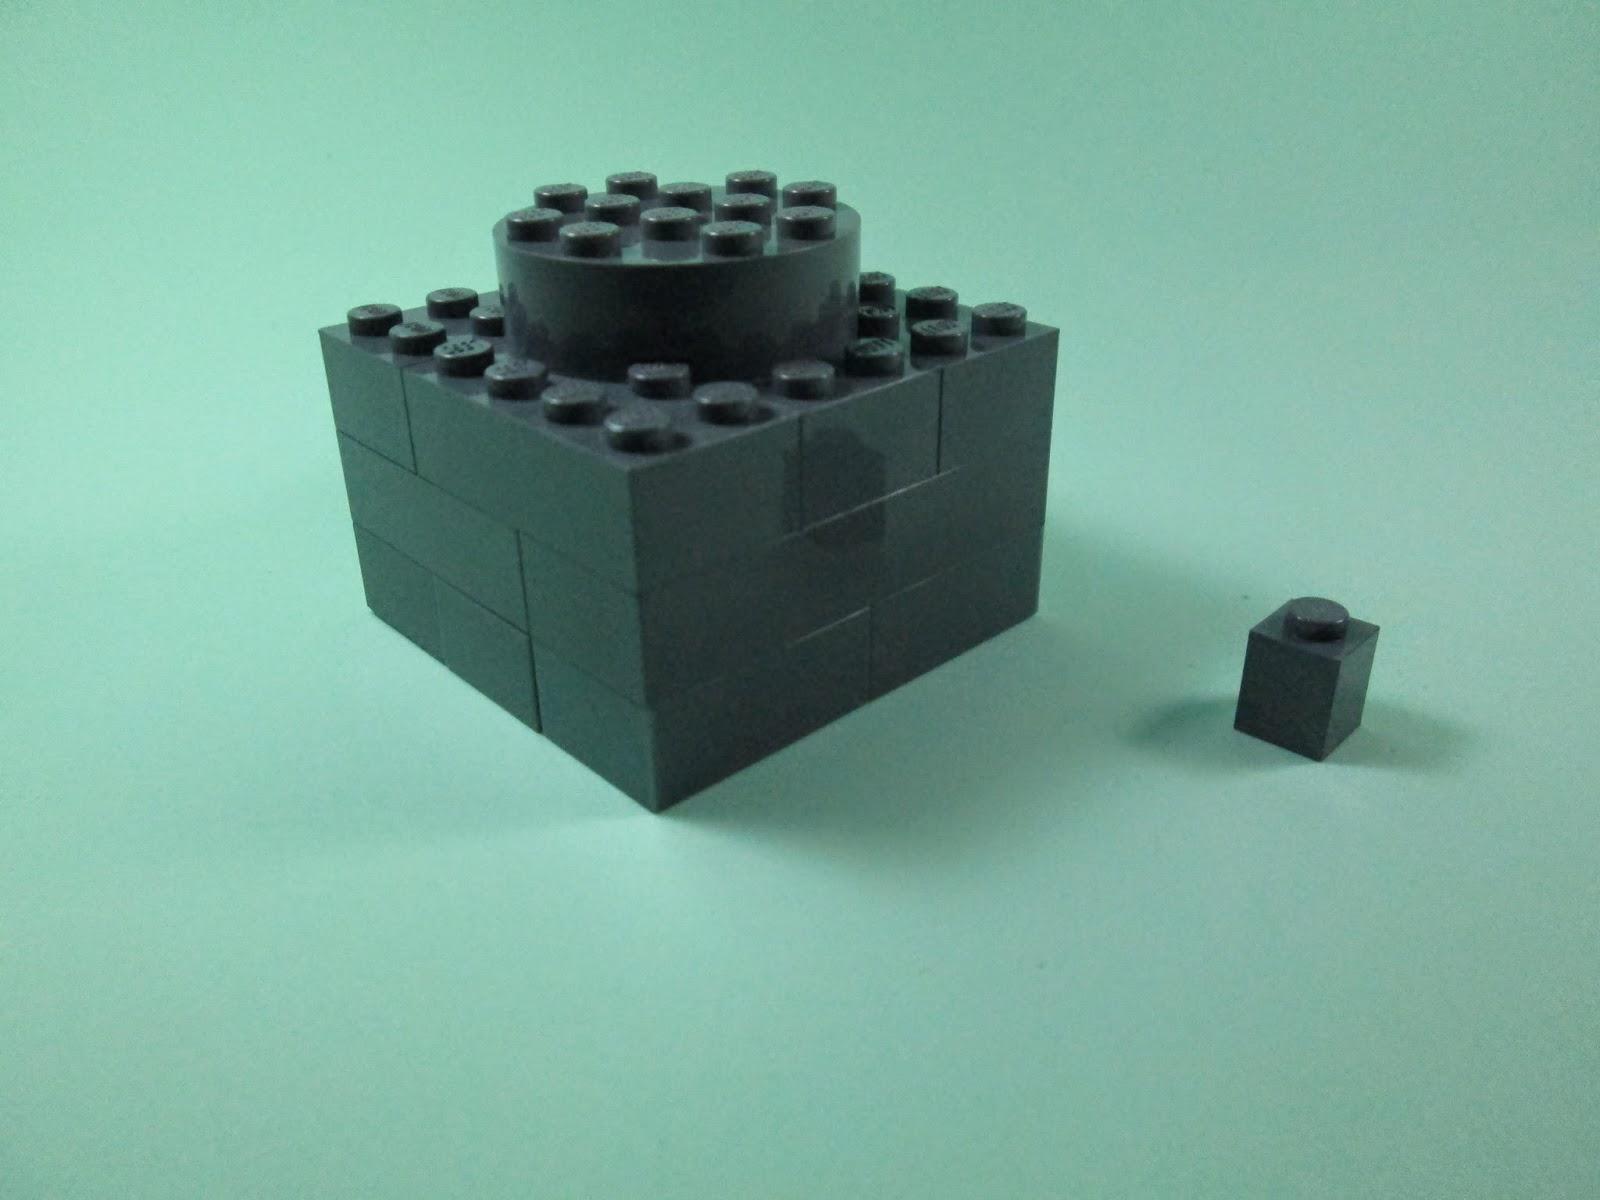 MOC LEGO - Peças LEGO feitas com peças LEGO.